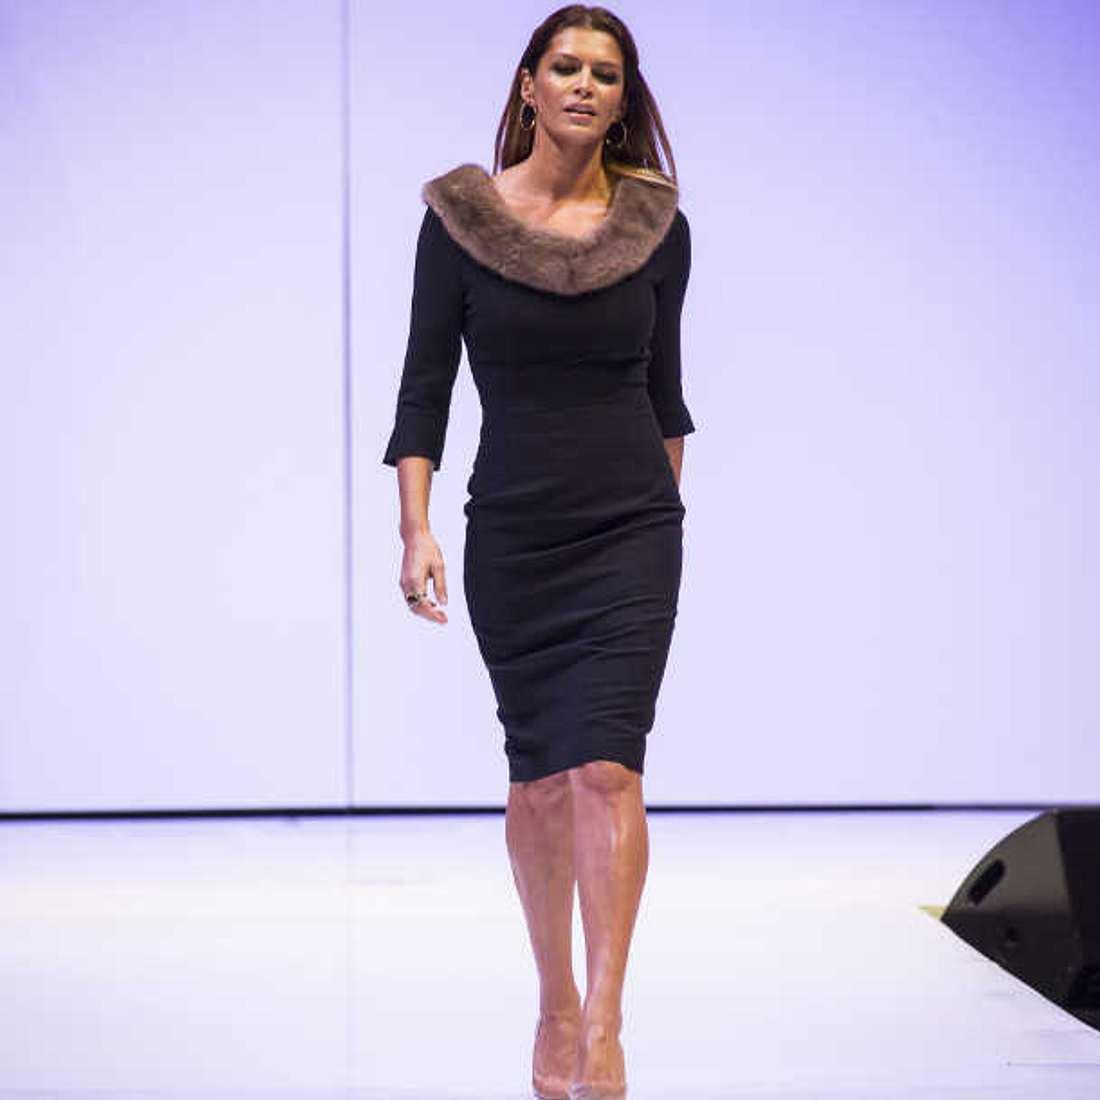 Schlank und schön: Sabia Boulahrouz als Model